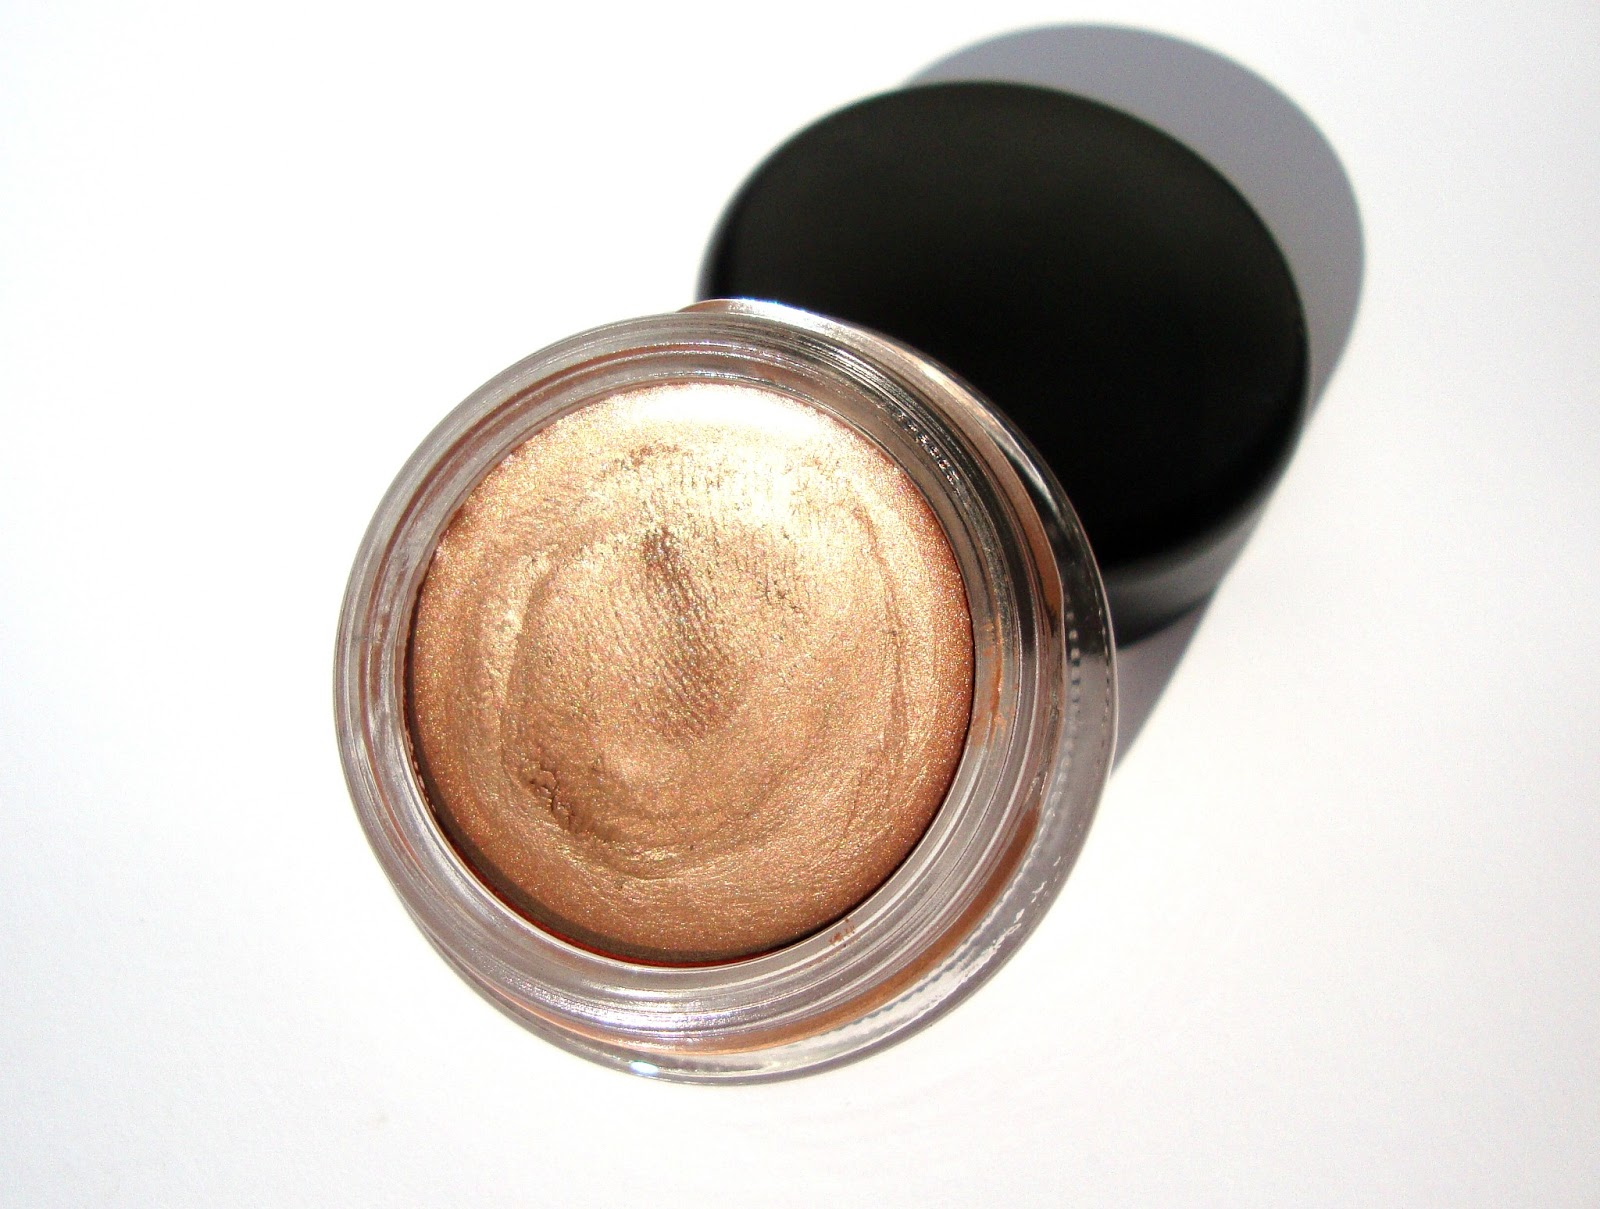 Corrector Makeup Indianwood Paint Pot